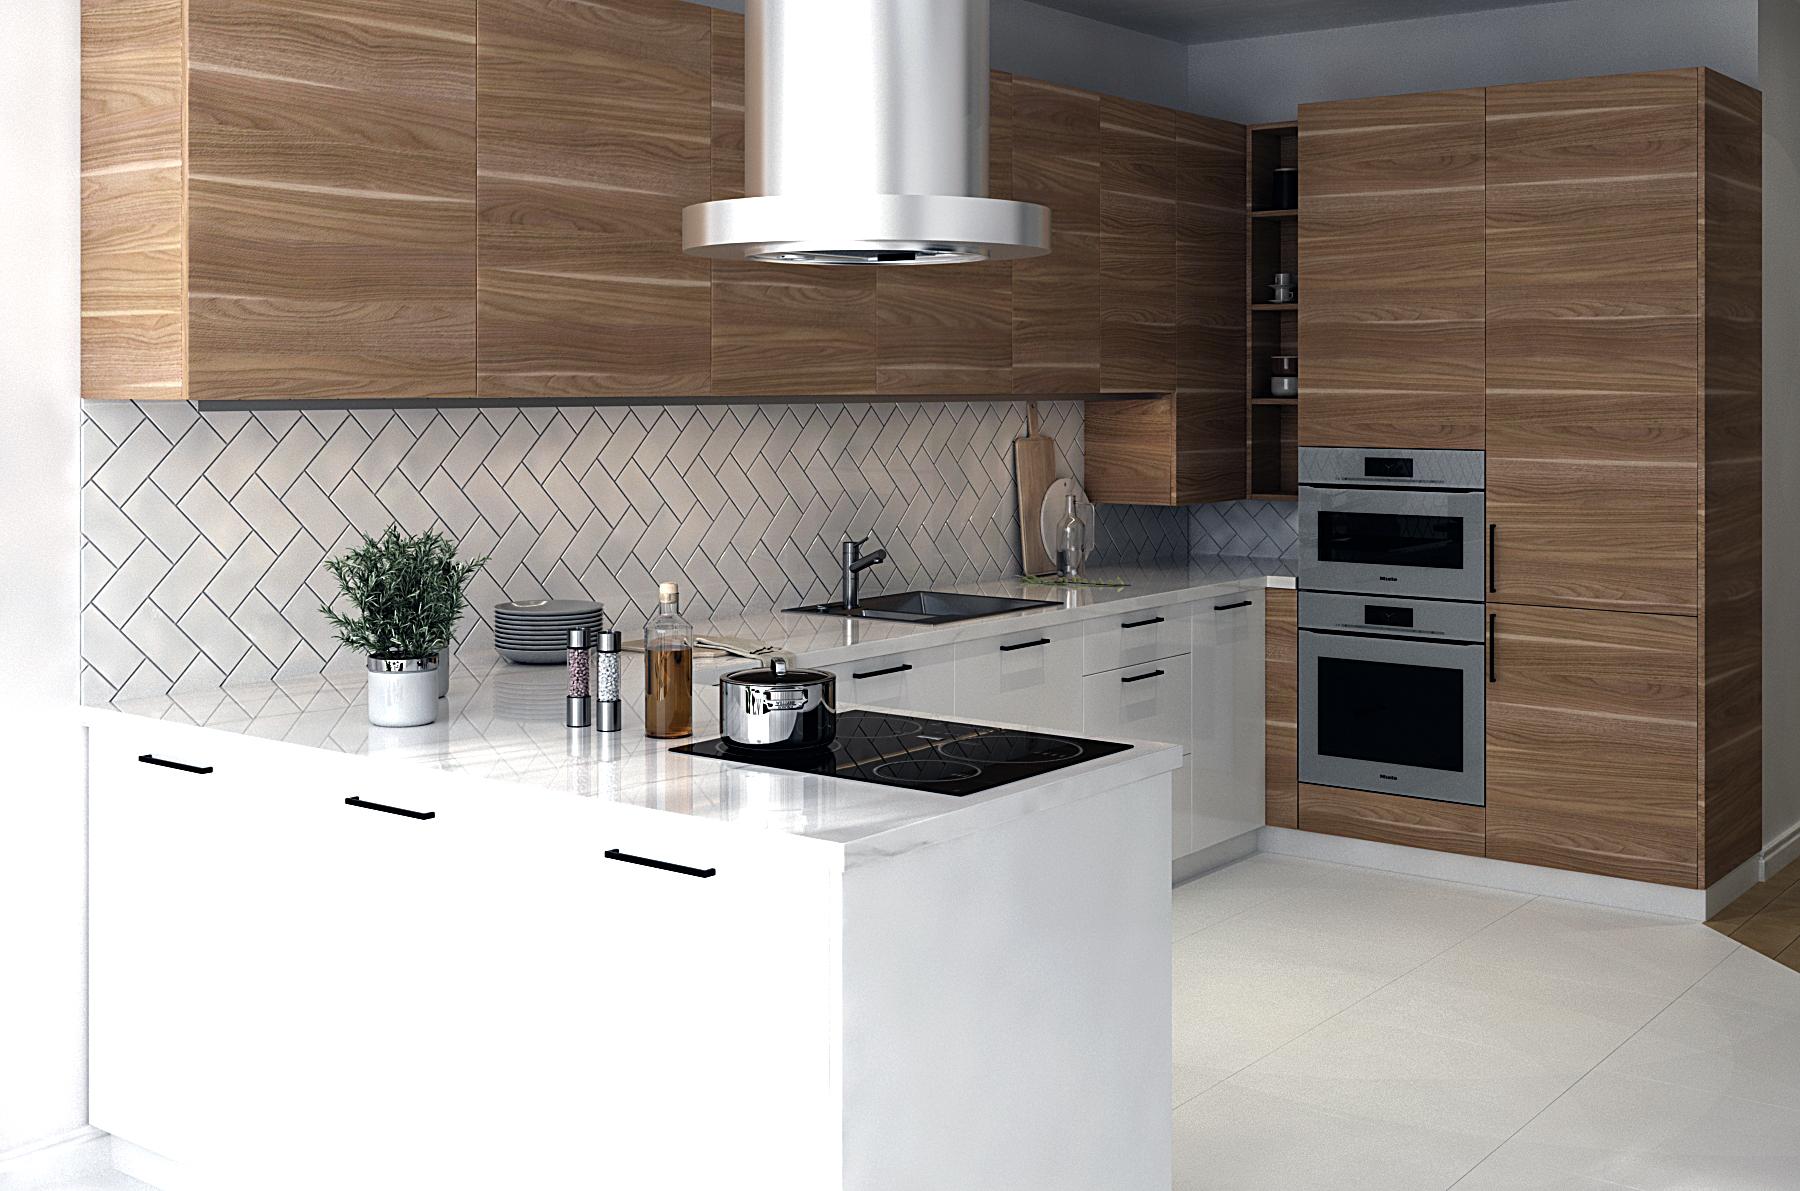 Картинка п-образной кухни